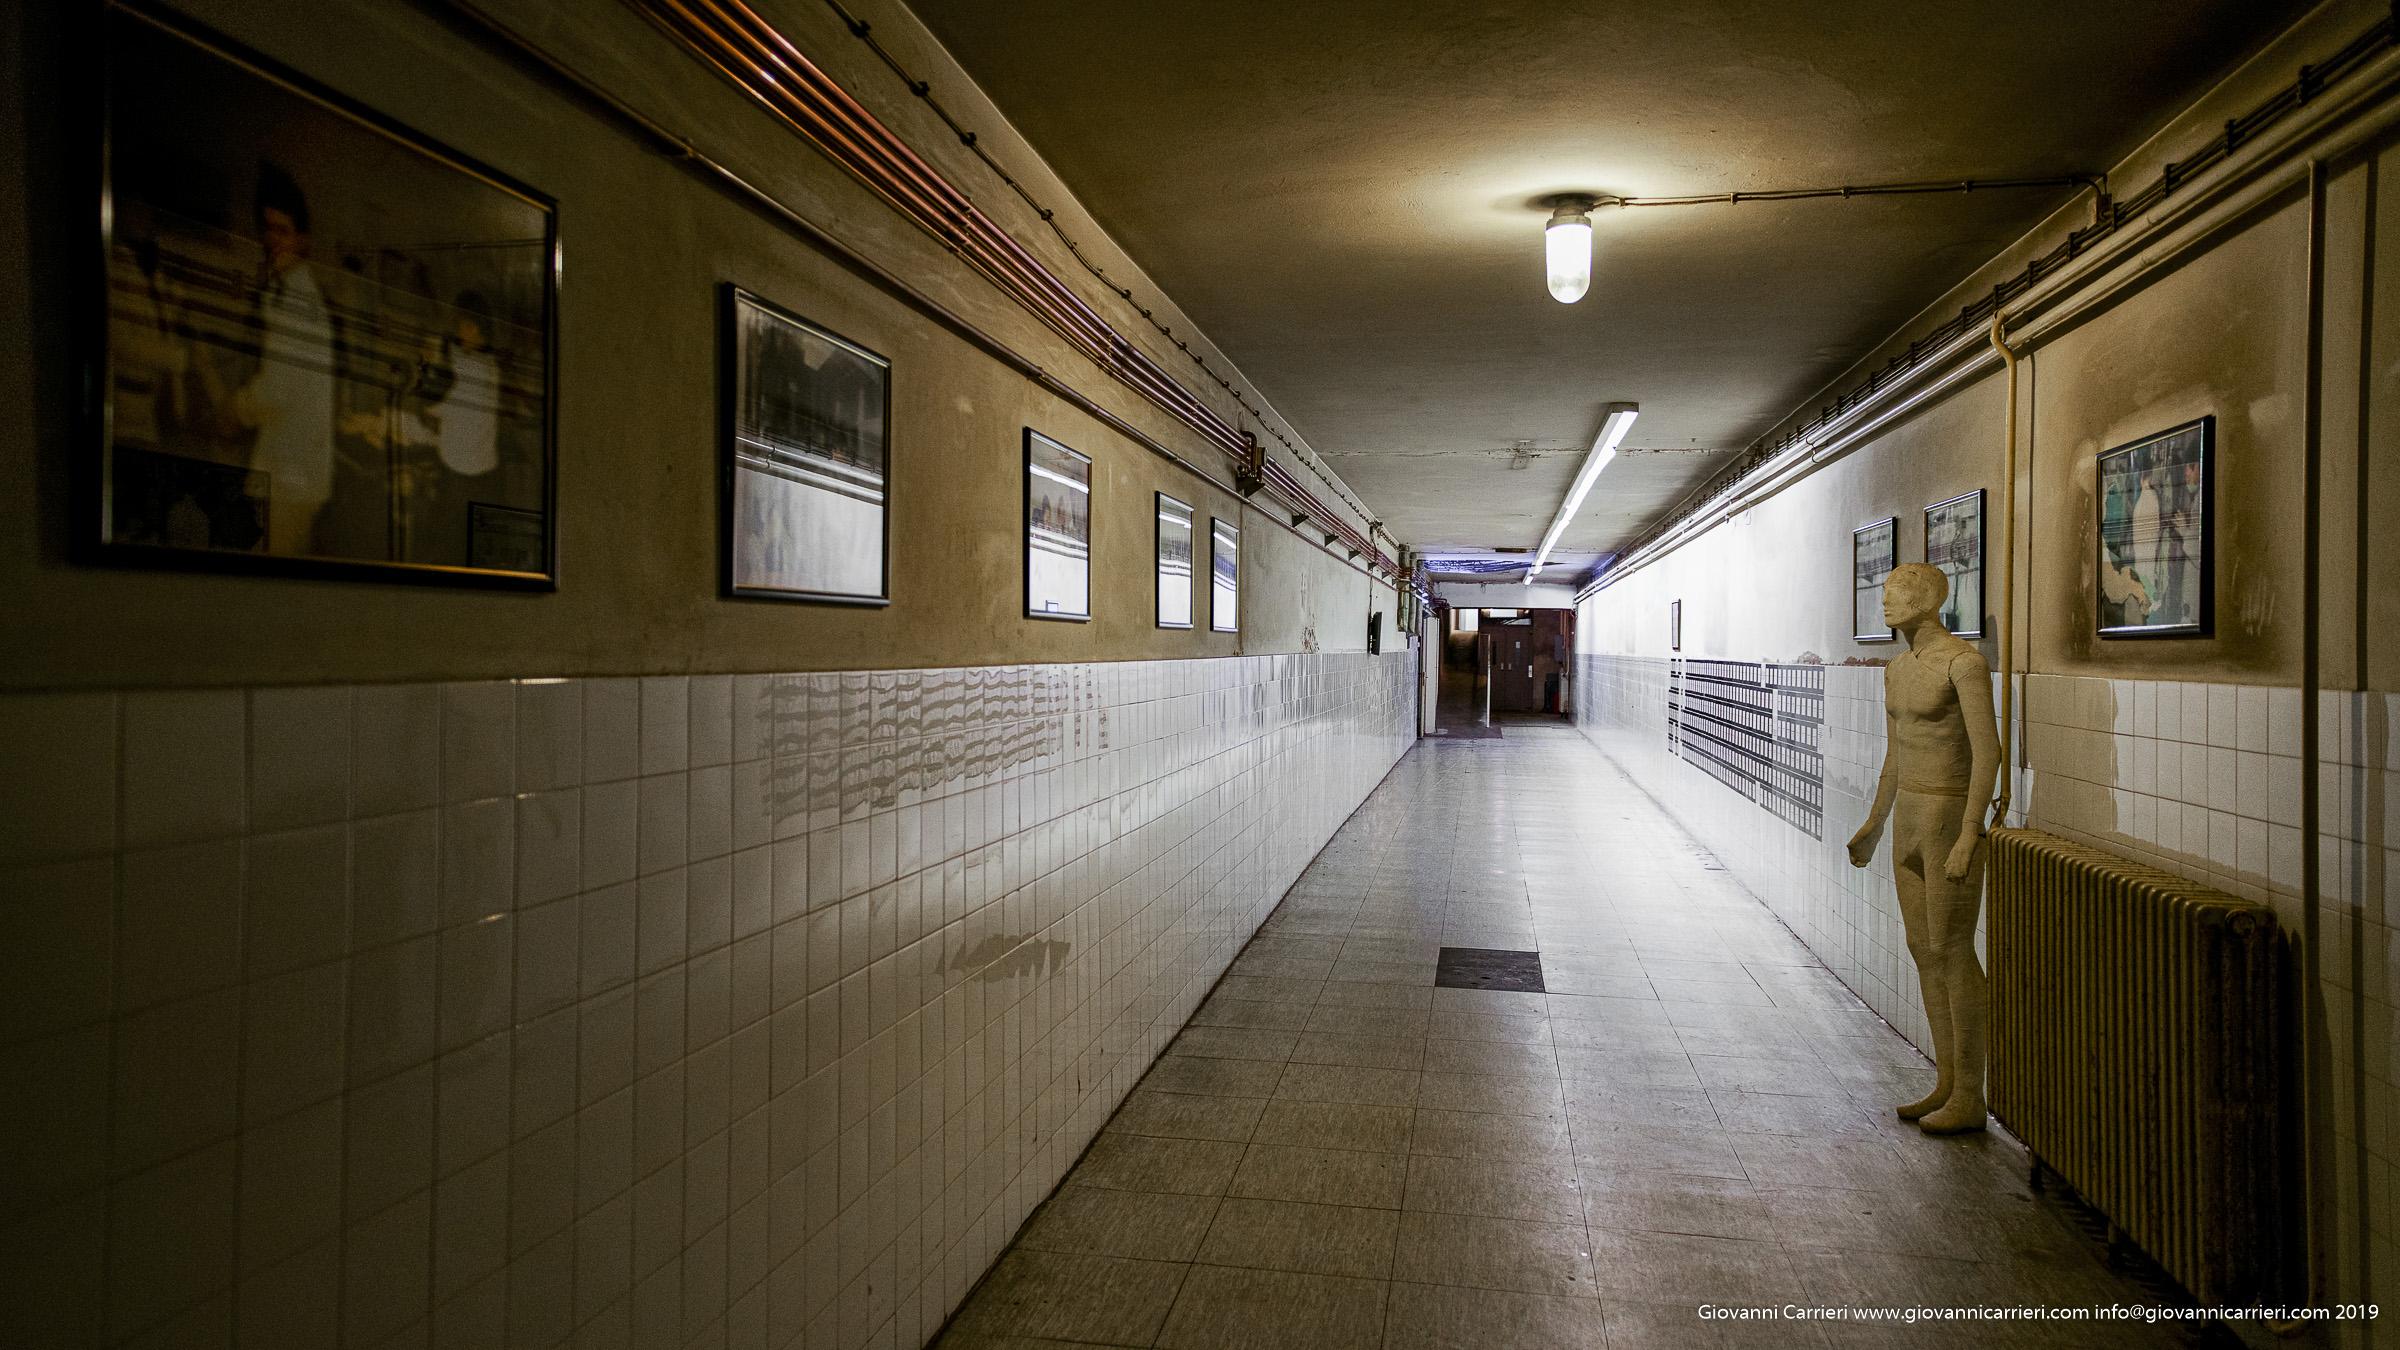 Il corridoio dell'ospedale di Vukovar. Qui sono elencati giorno per giorno i deceduti all'interno dell'ospedale.